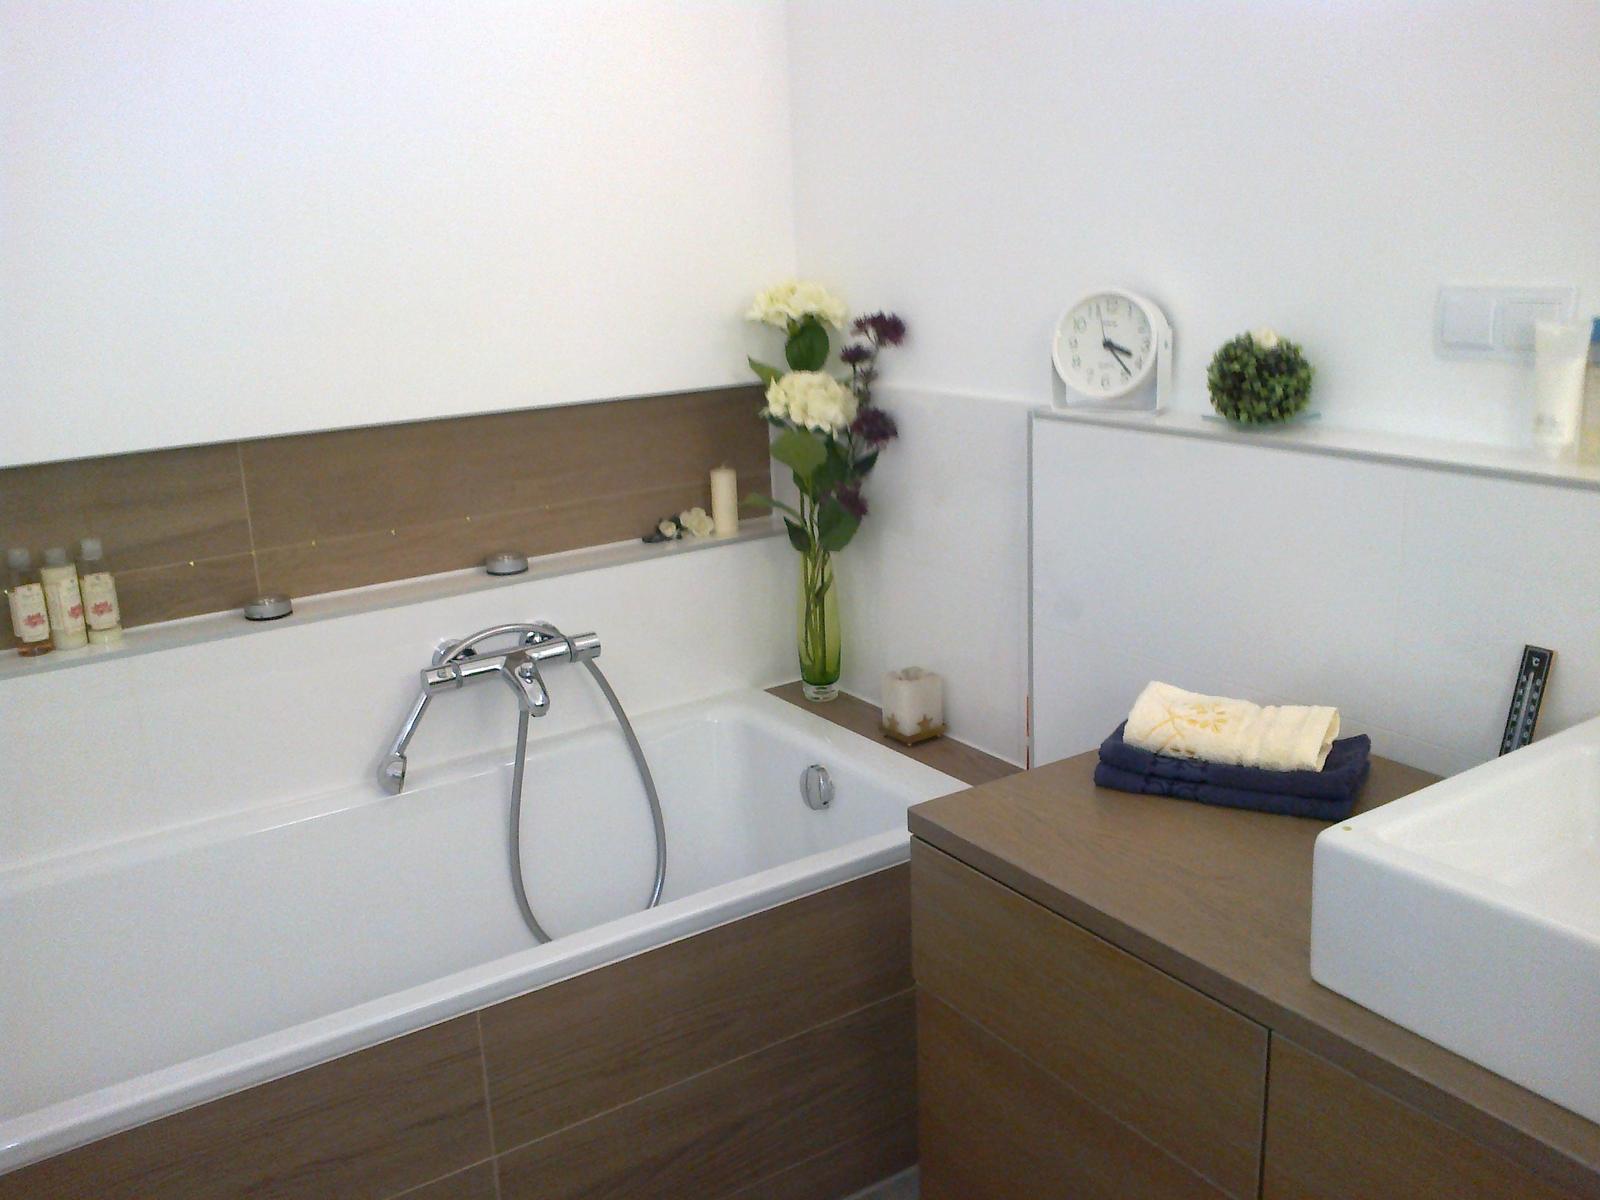 Nová kúpeľňa a sprcha - Obrázok č. 53